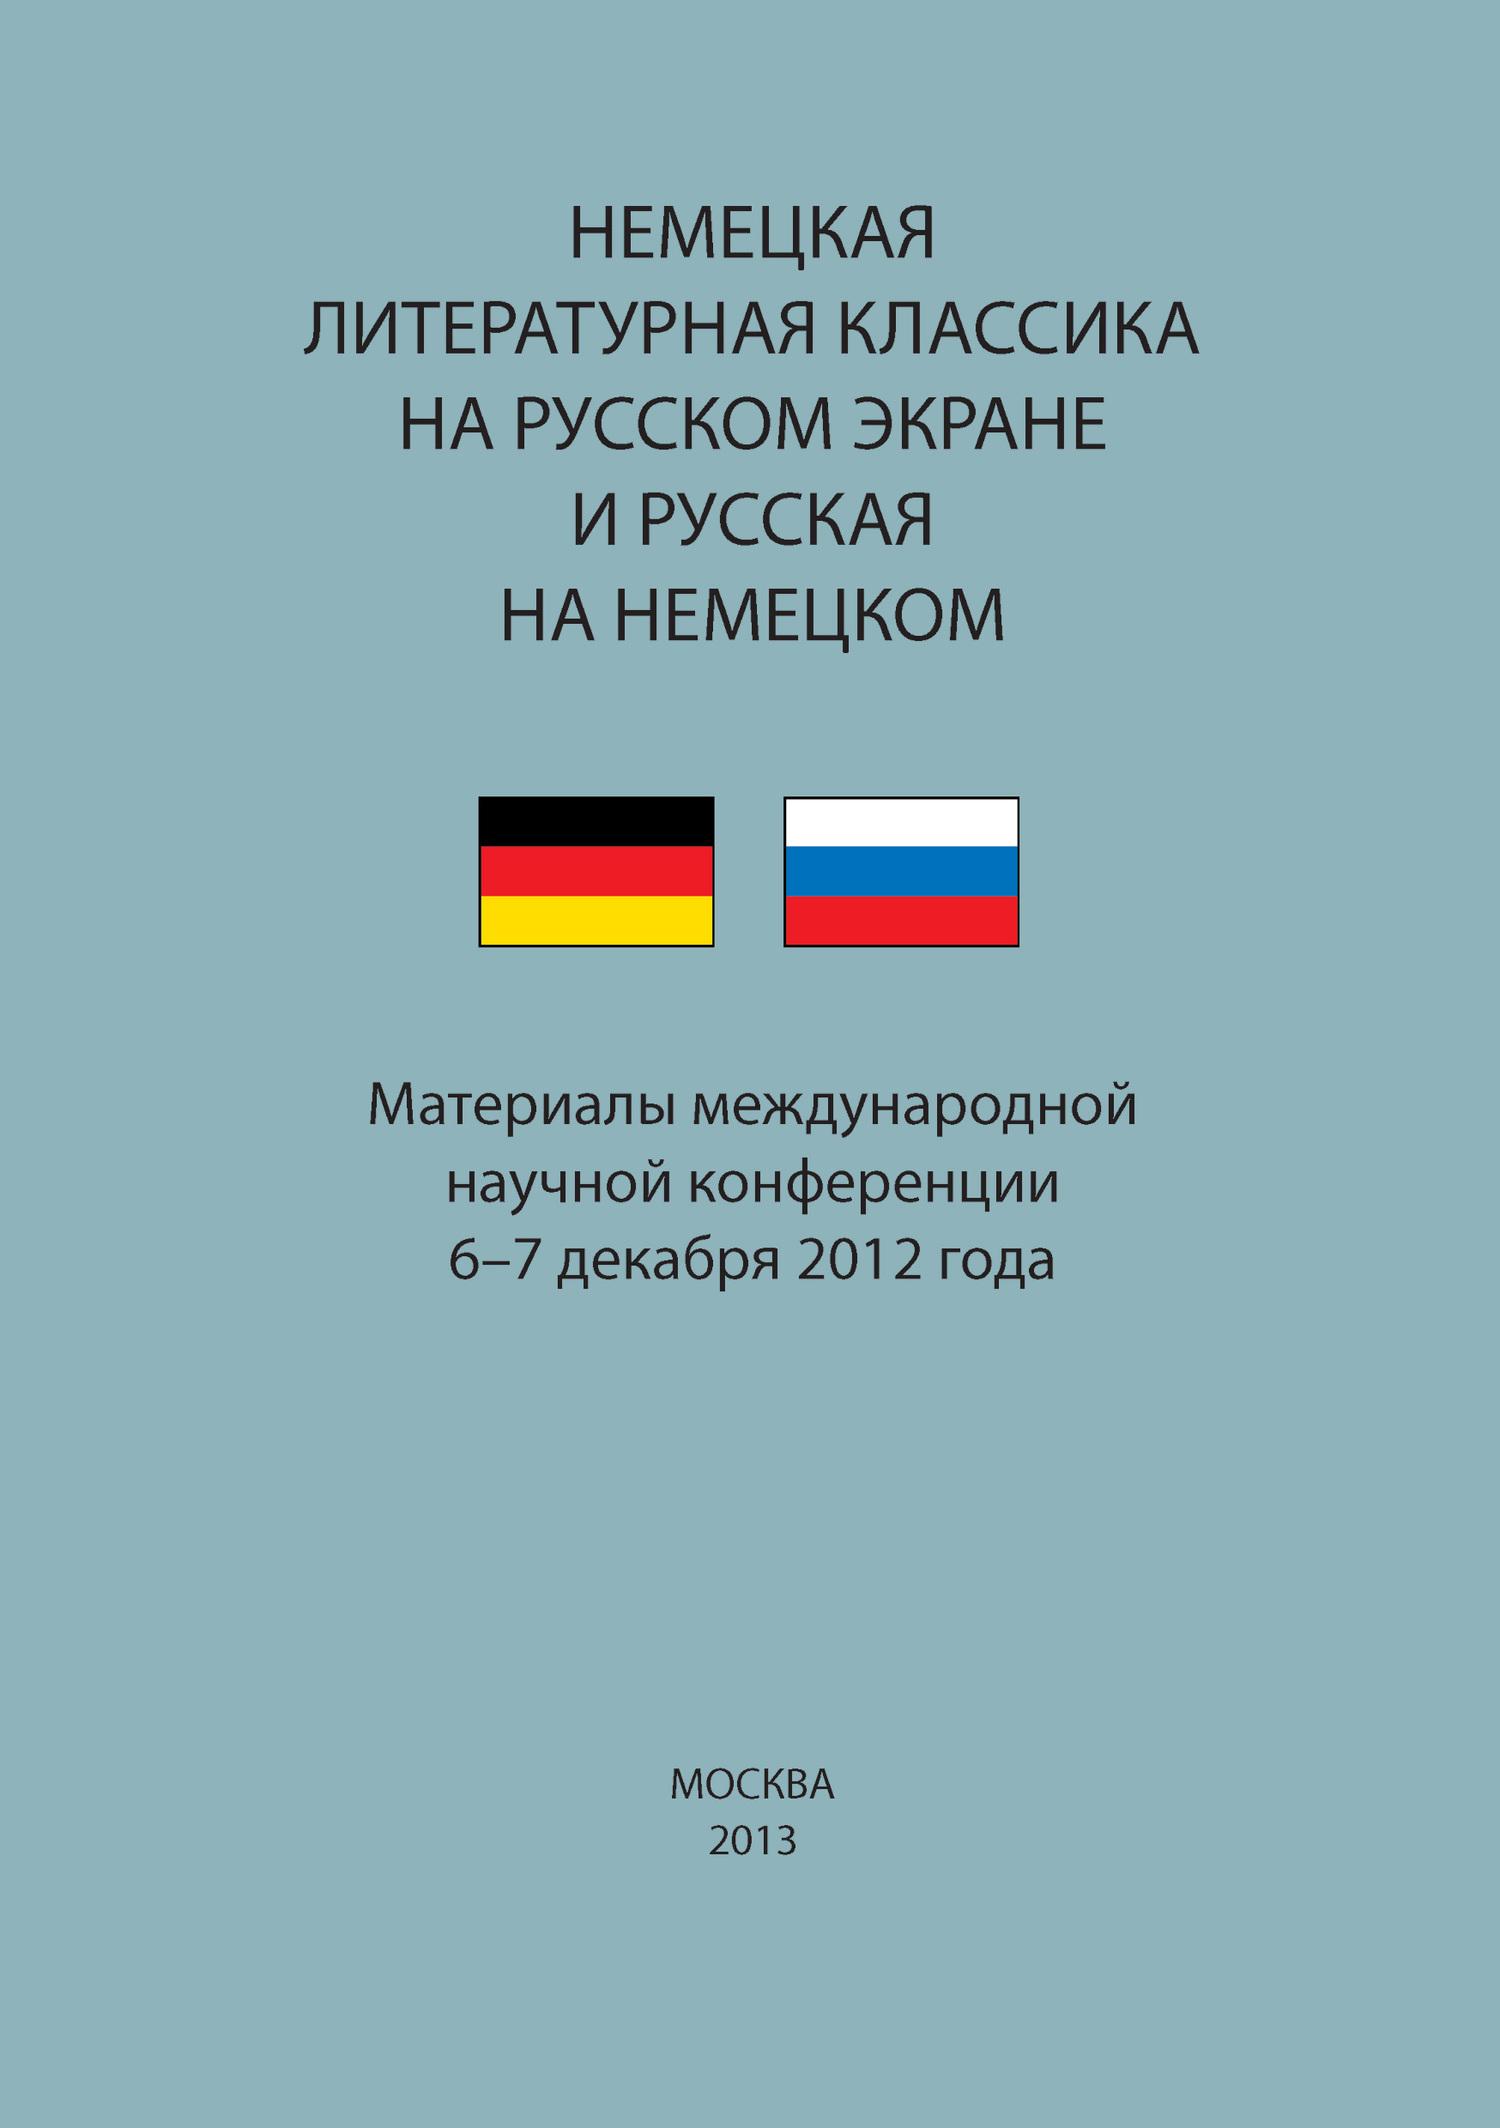 Немецкая литературная классика на русском экране и русская на немецком. Материалы научной конференции 6–7 декабря 2012 года